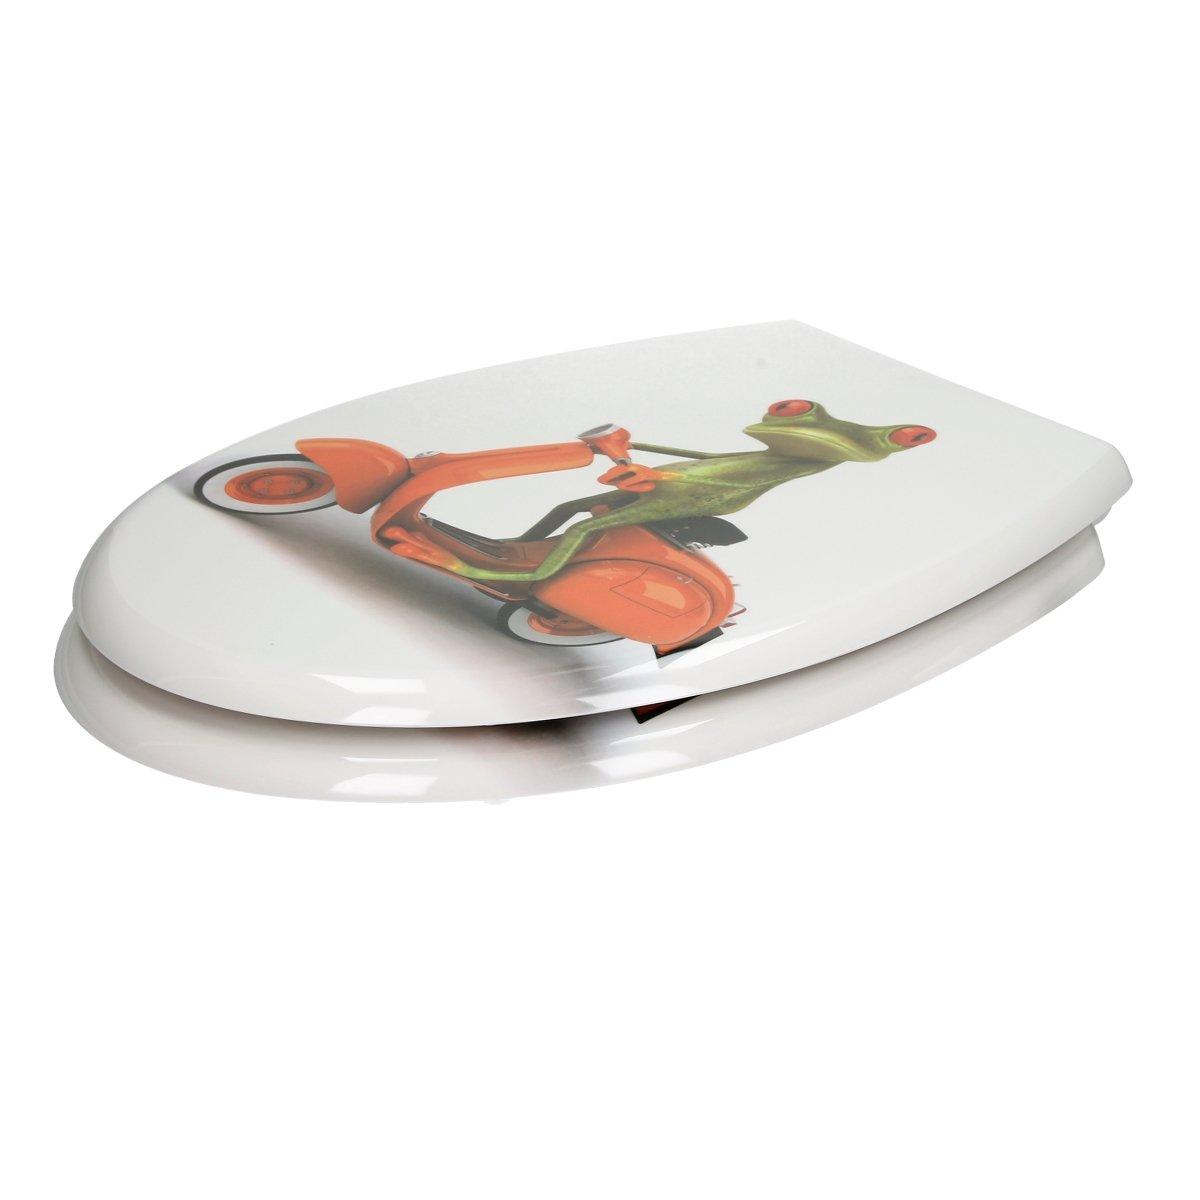 ECD Germany Asiento de Inodoro Londres Premium Duroplast Tapa de Inodoro con Cierre Suave Desmontable /& Capa Antibacterial Incluye Material de Montaje